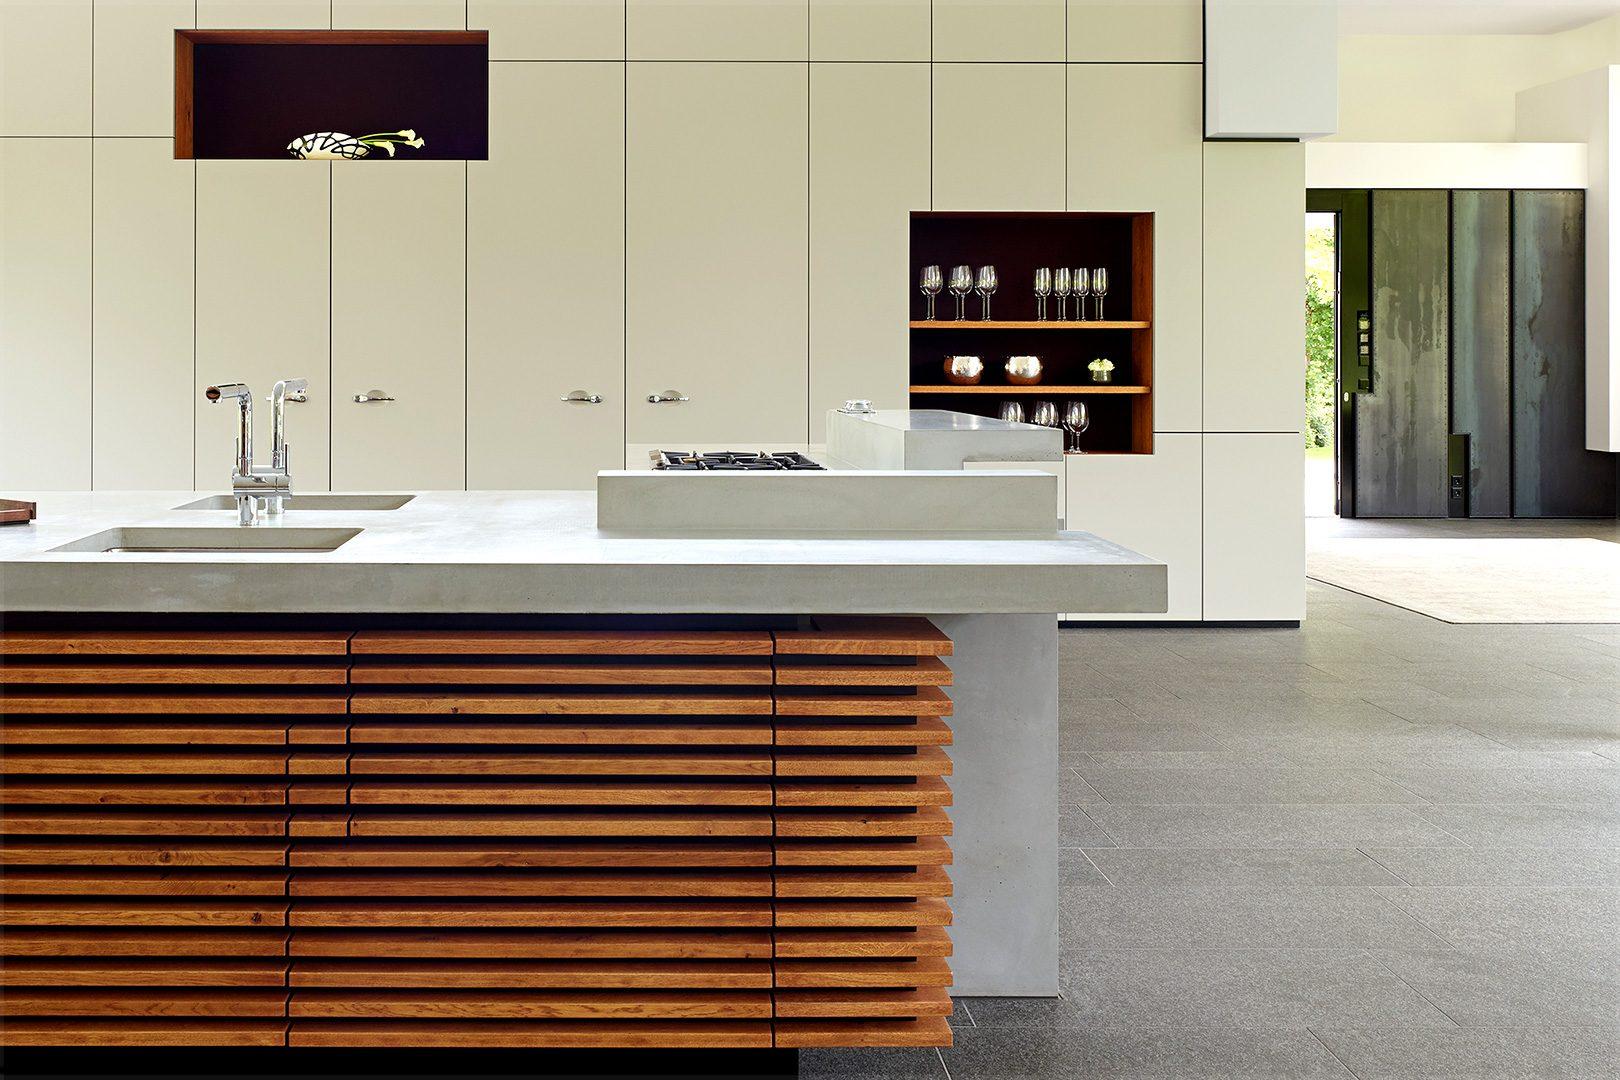 Full Size of Puristische Kchenarbeitsplatte Aus Beton Maxraumelemente Freistehende Küche Küchen Regal Wohnzimmer Freistehende Küchen